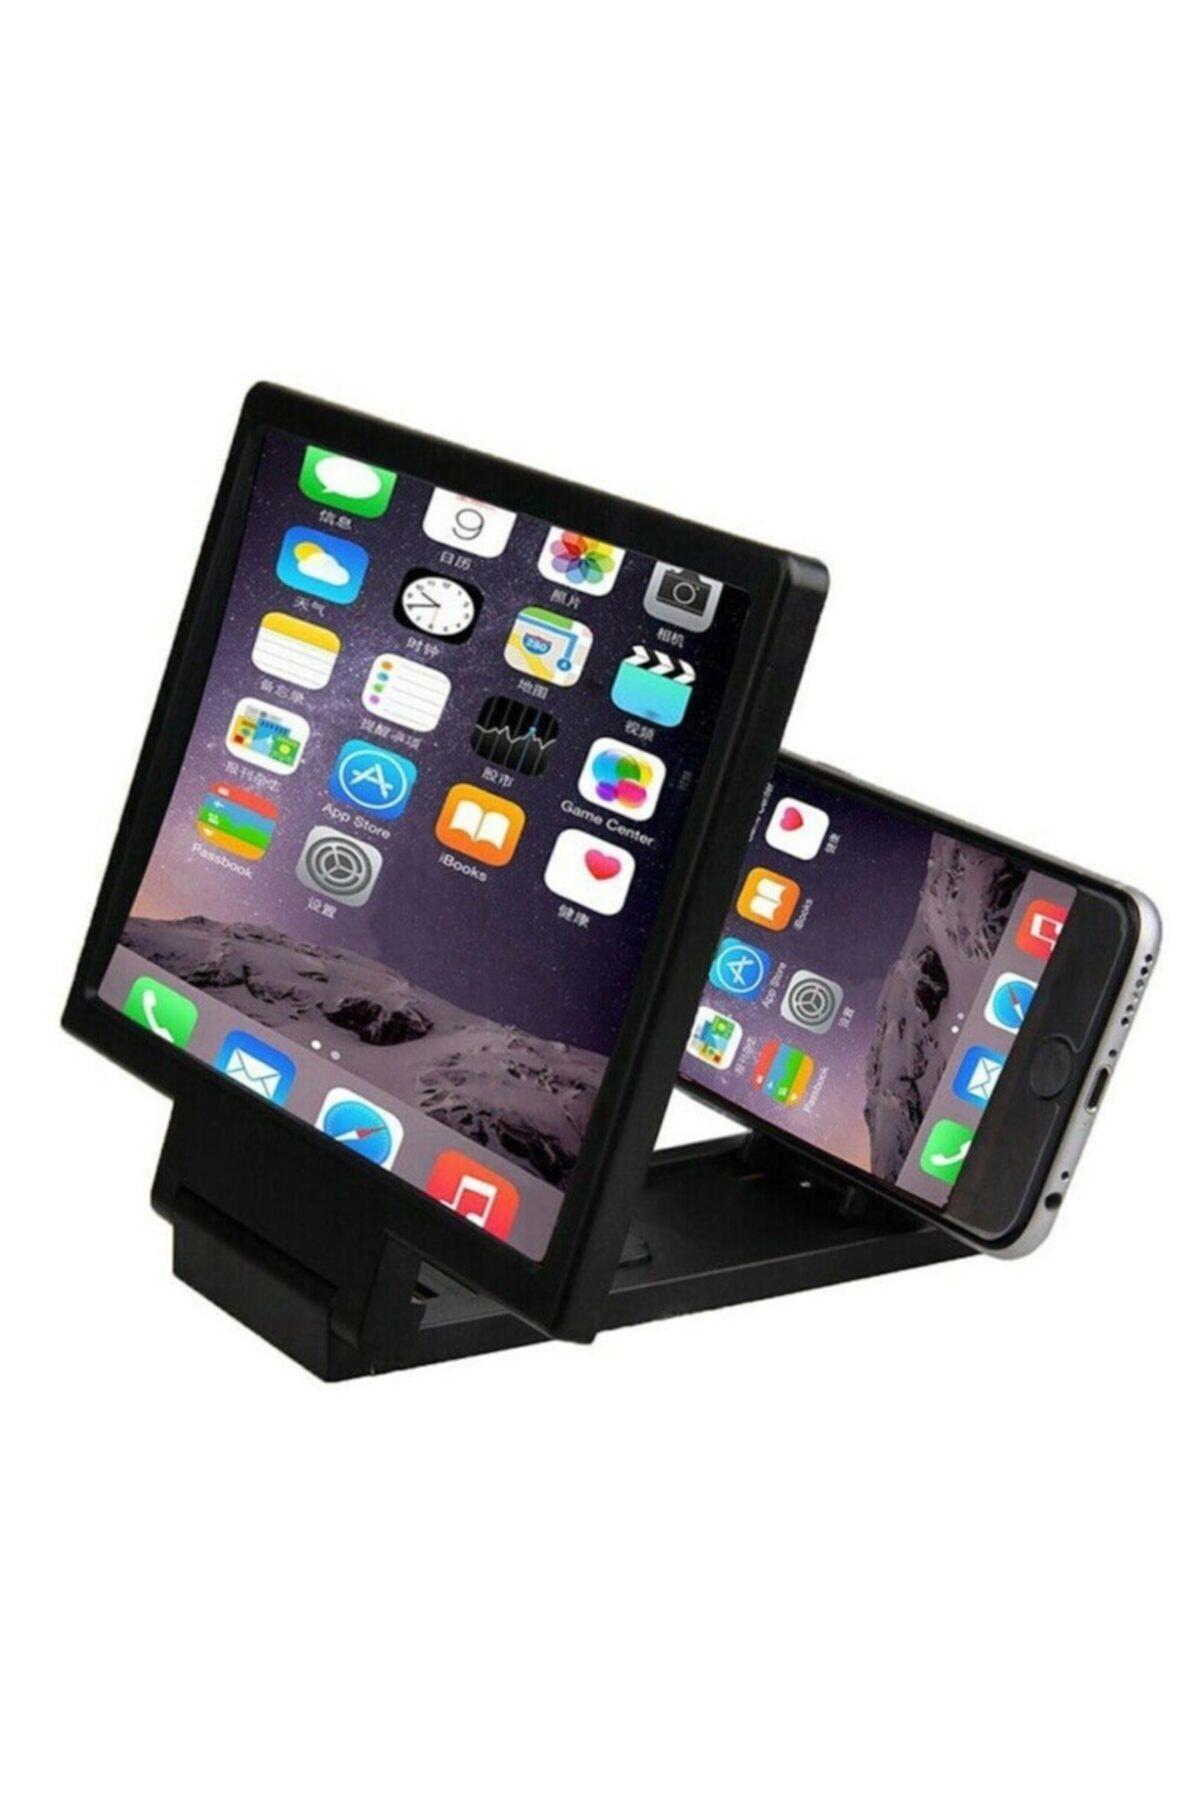 Toptrends Telefon Ekran Büyüteç Mercekli Stand Ekran Büyüteci Fiyatı,  Yorumları - TRENDYOL